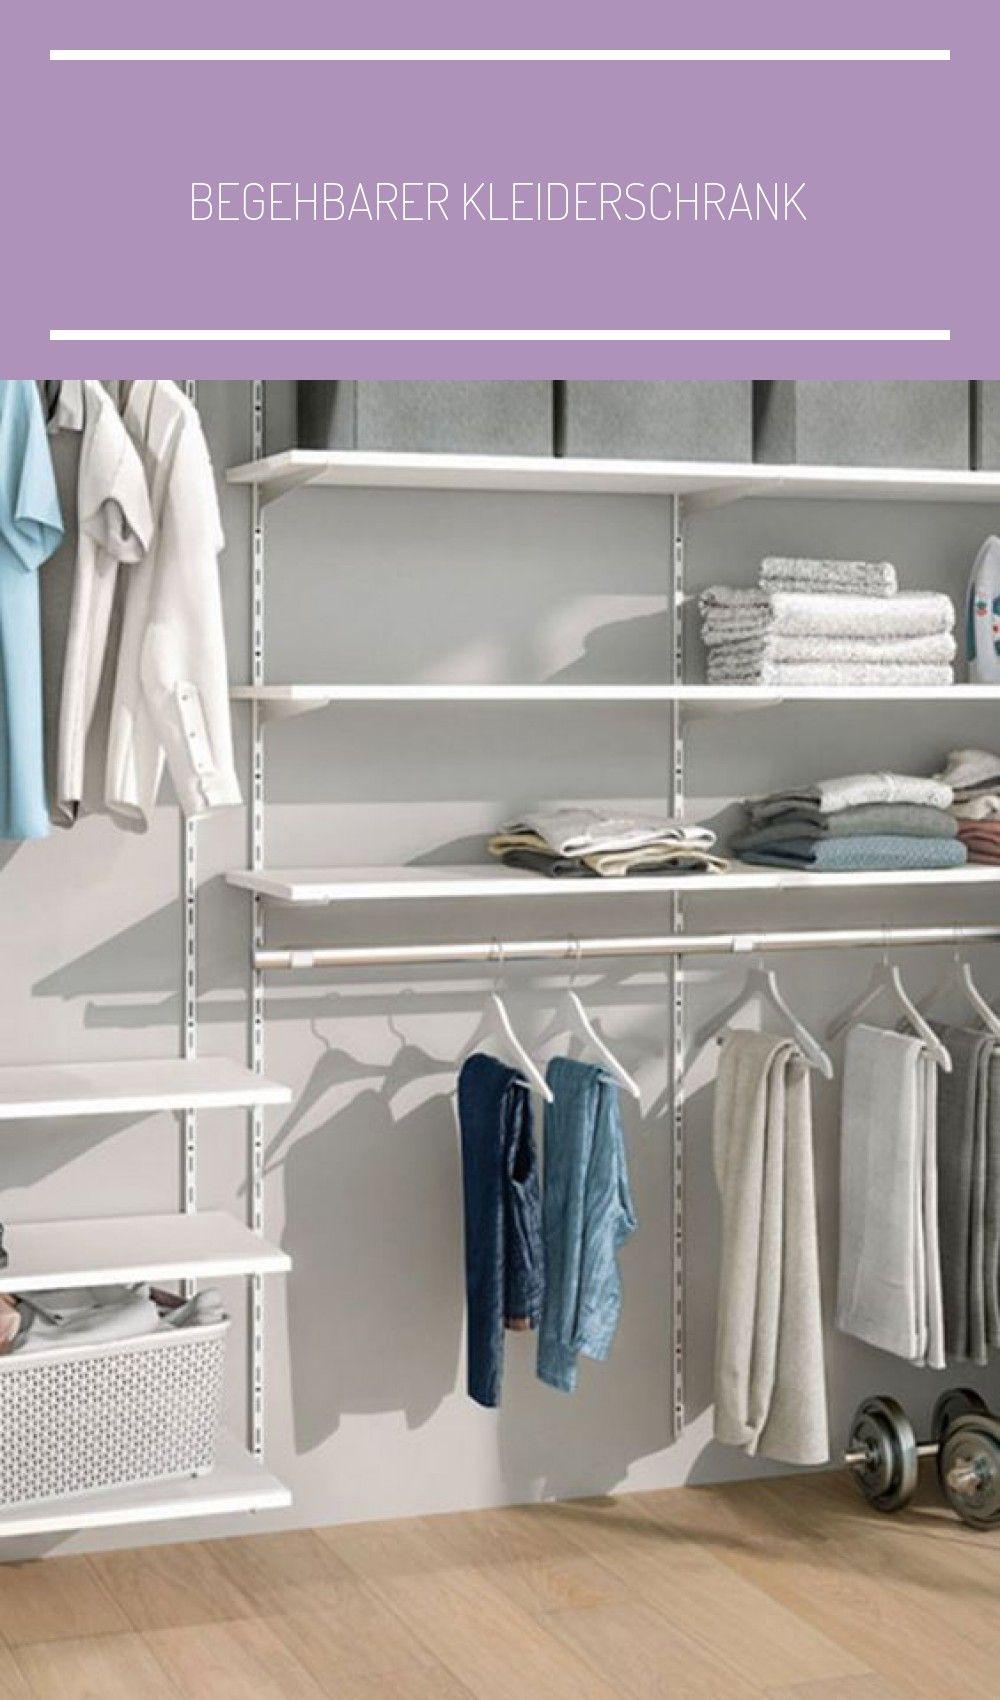 Begehbarer Kleiderschrank Fur Dachschrage Und Ankleidezimmer Ankleidezimmer Ideen Dachschrage In 2020 Wardrobe Rack Walk In Closet Motif Design